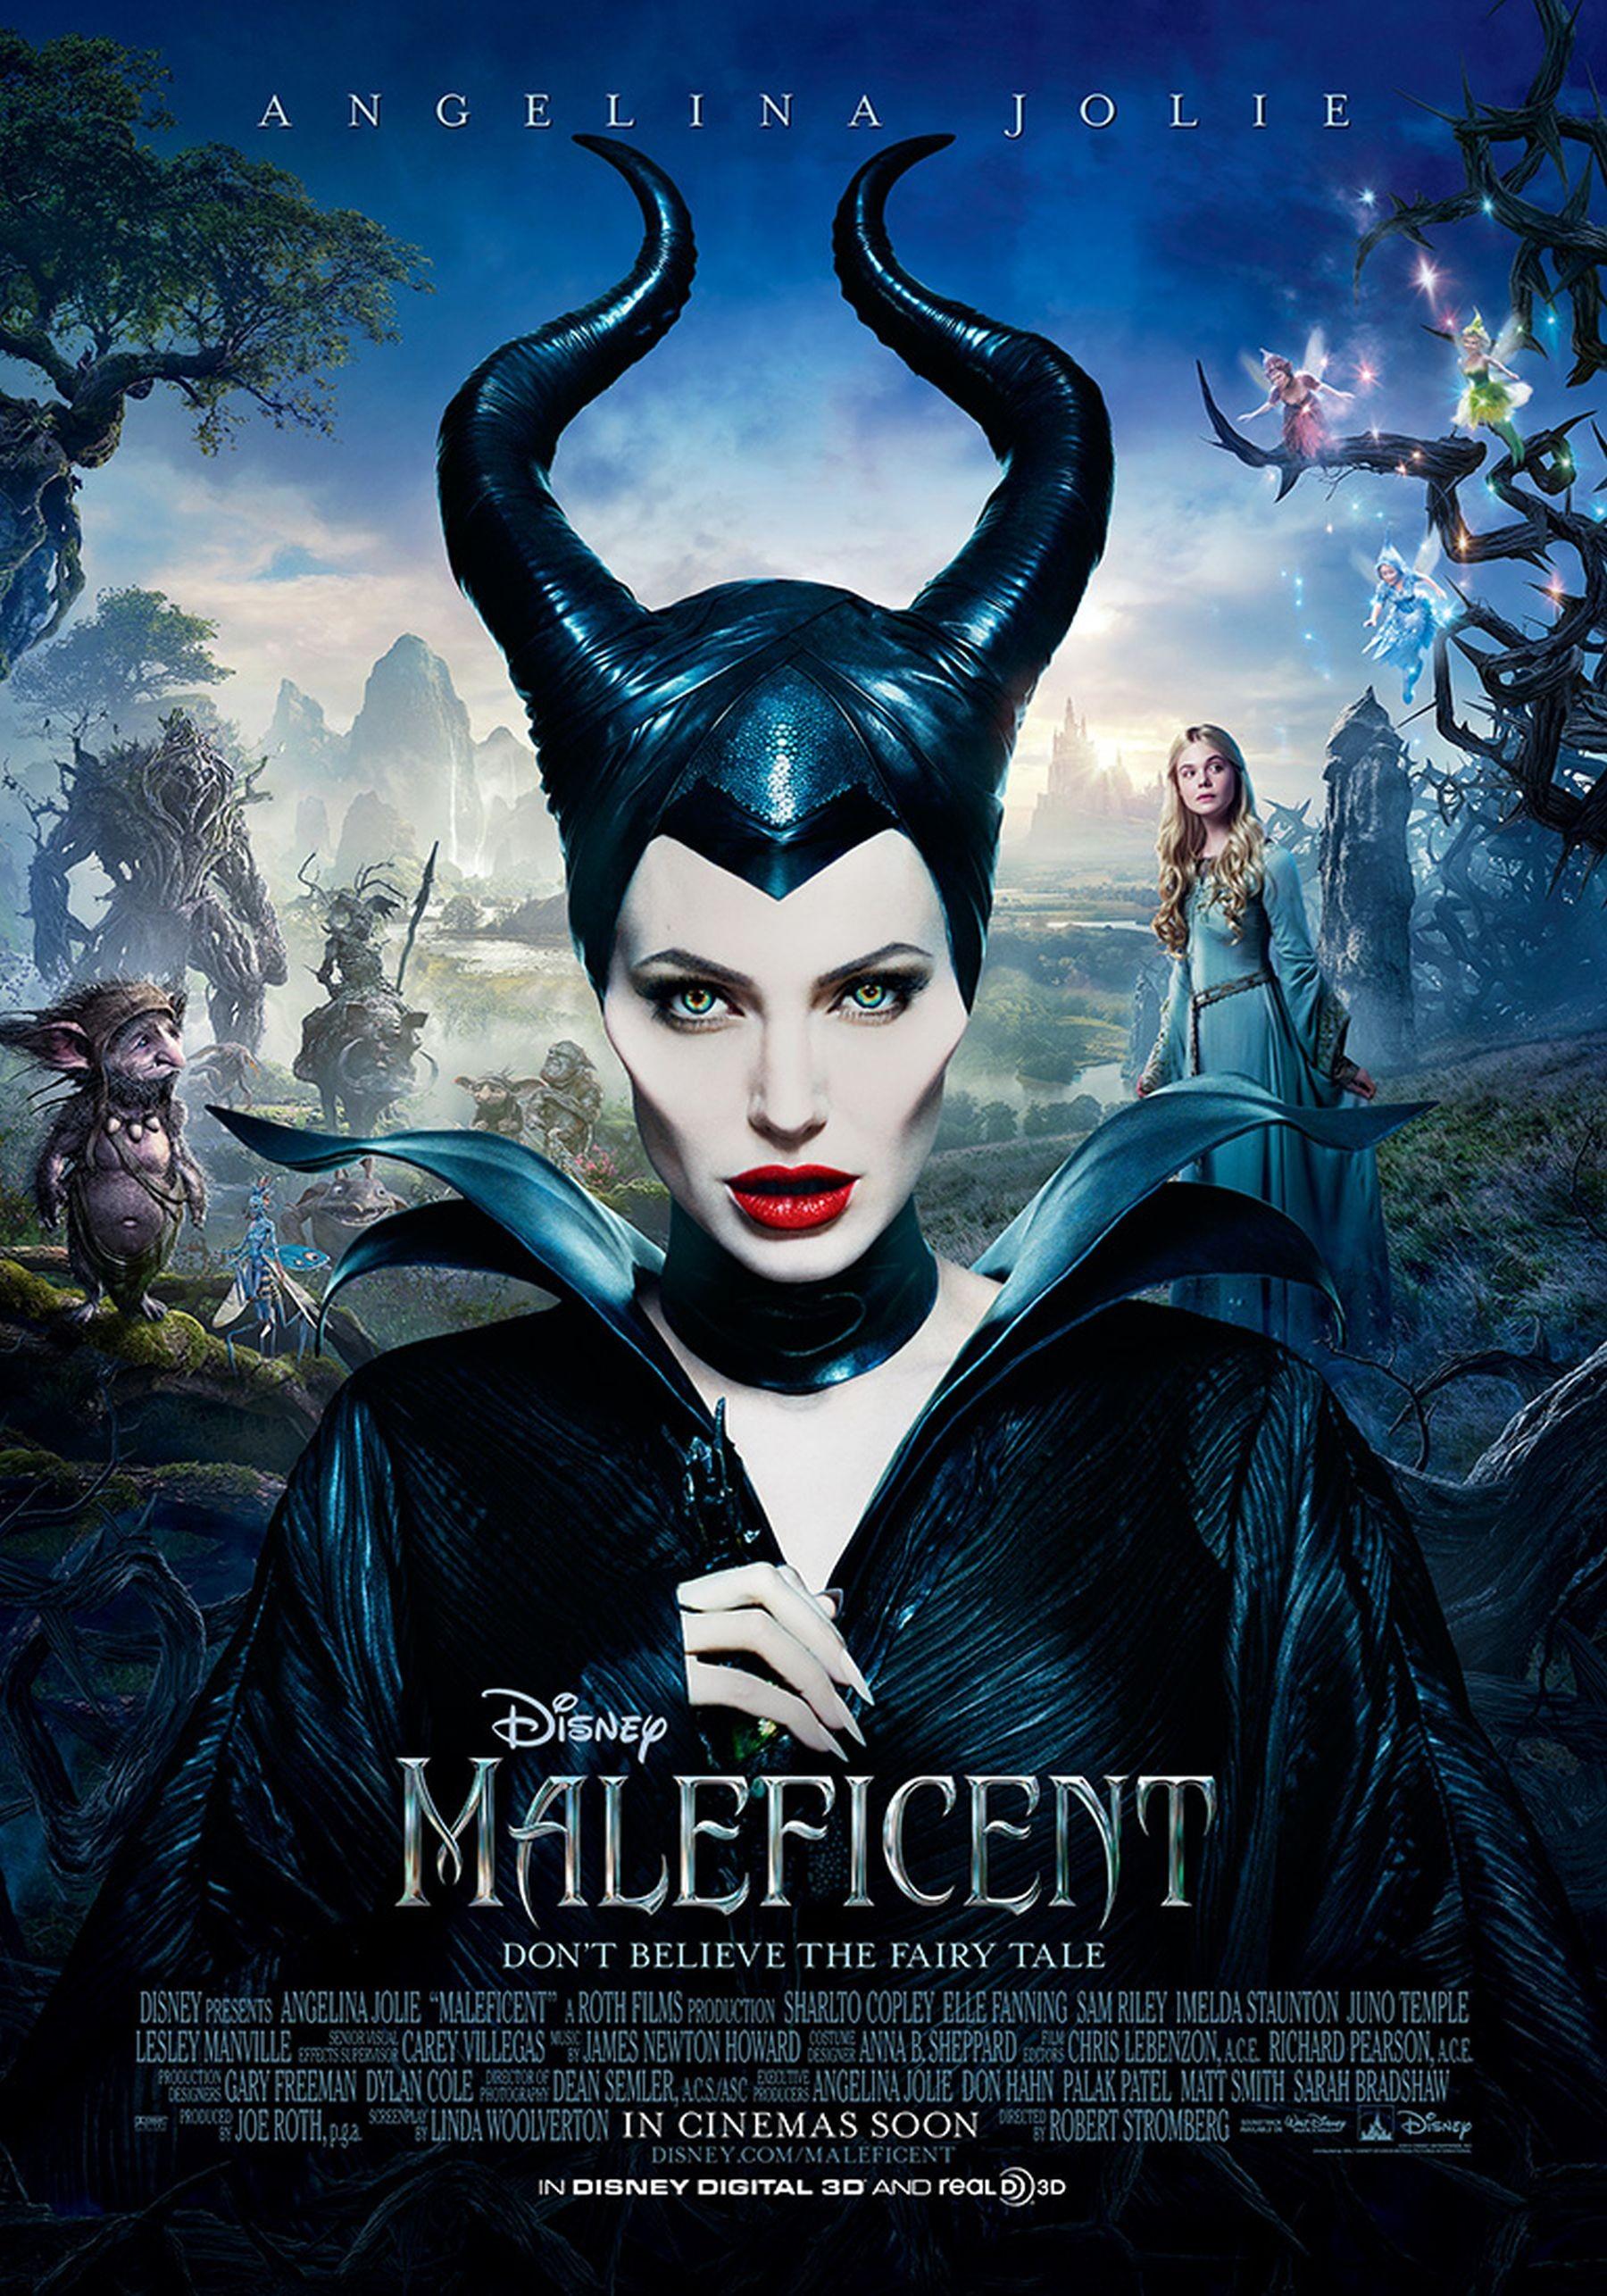 Phim 3D: MALEFICENT- Tiên Hắc Ám (23/11/2014)